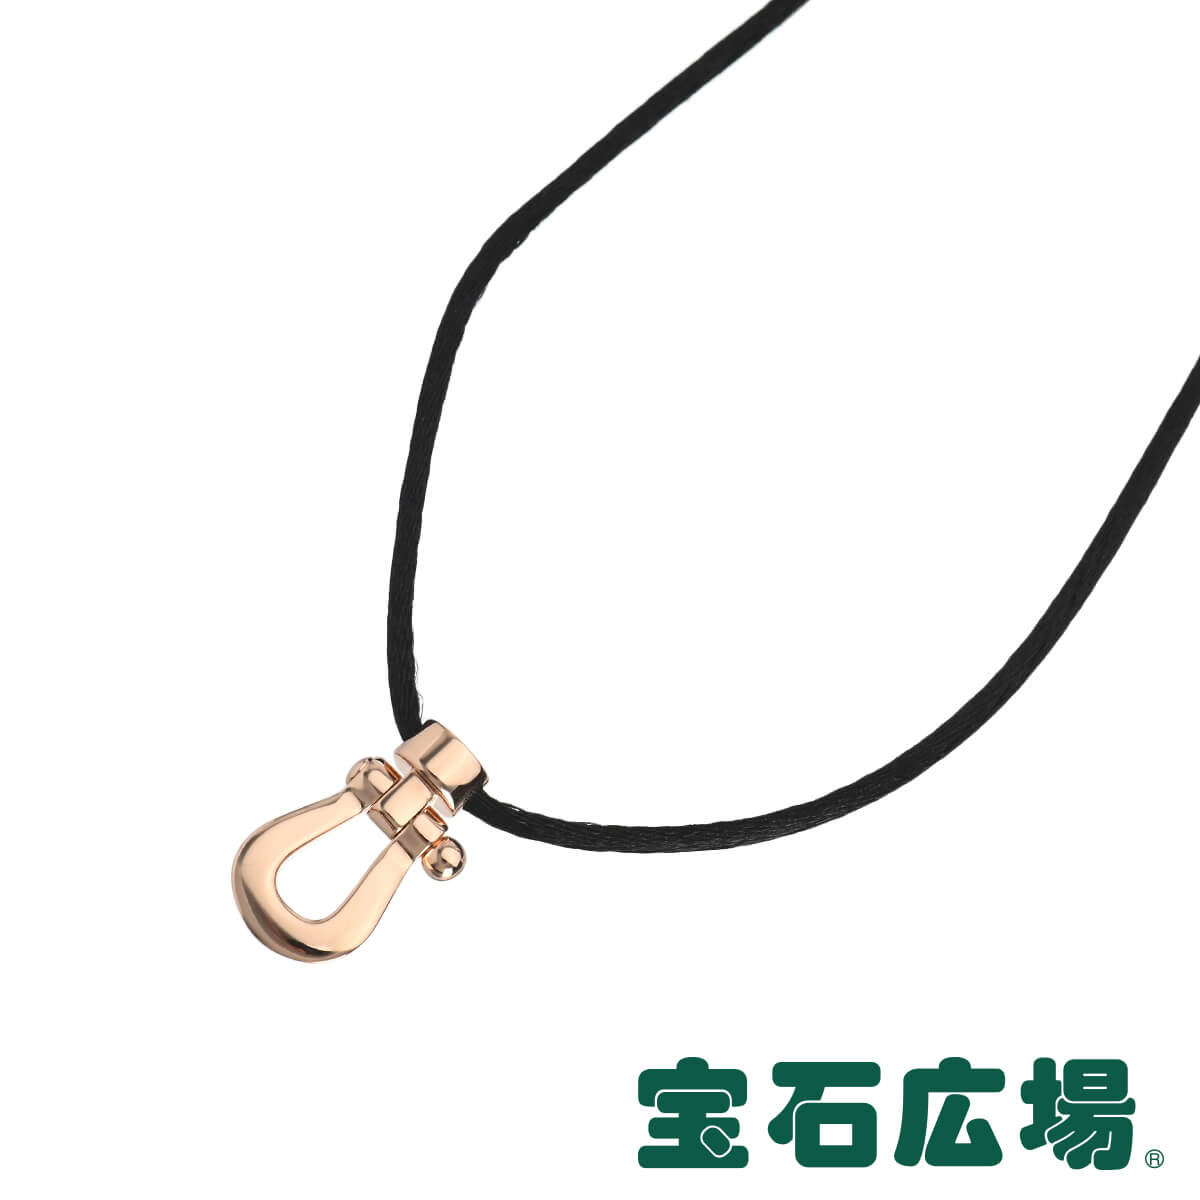 フレッド フォース10 サテンコード ペンダントネックレス (S) 3B0196【新品】 ジュエリー 送料無料